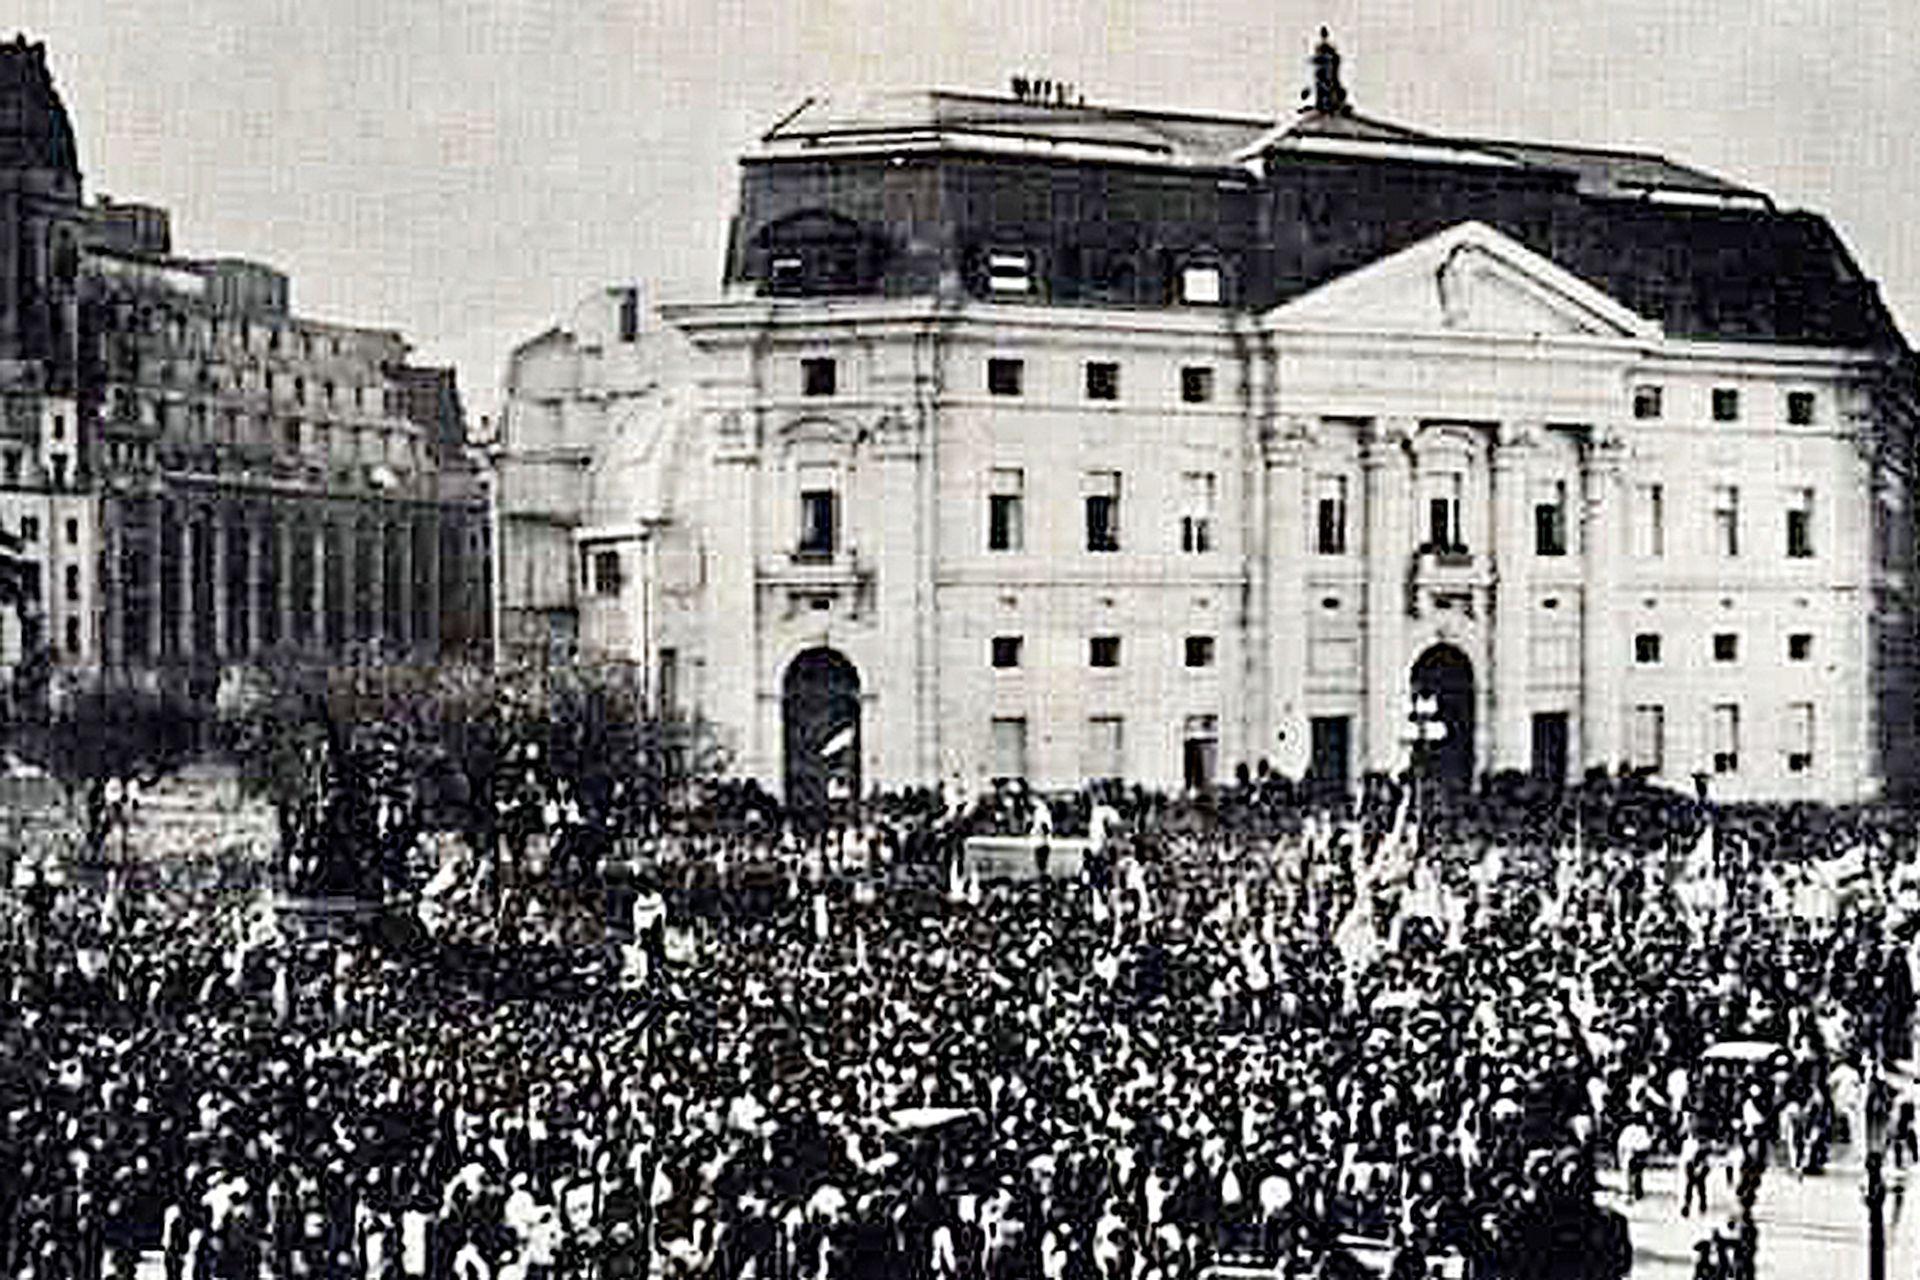 La Plaza de Mayo, ocupada por una multitud, y de fondo el edificio del Banco Nación